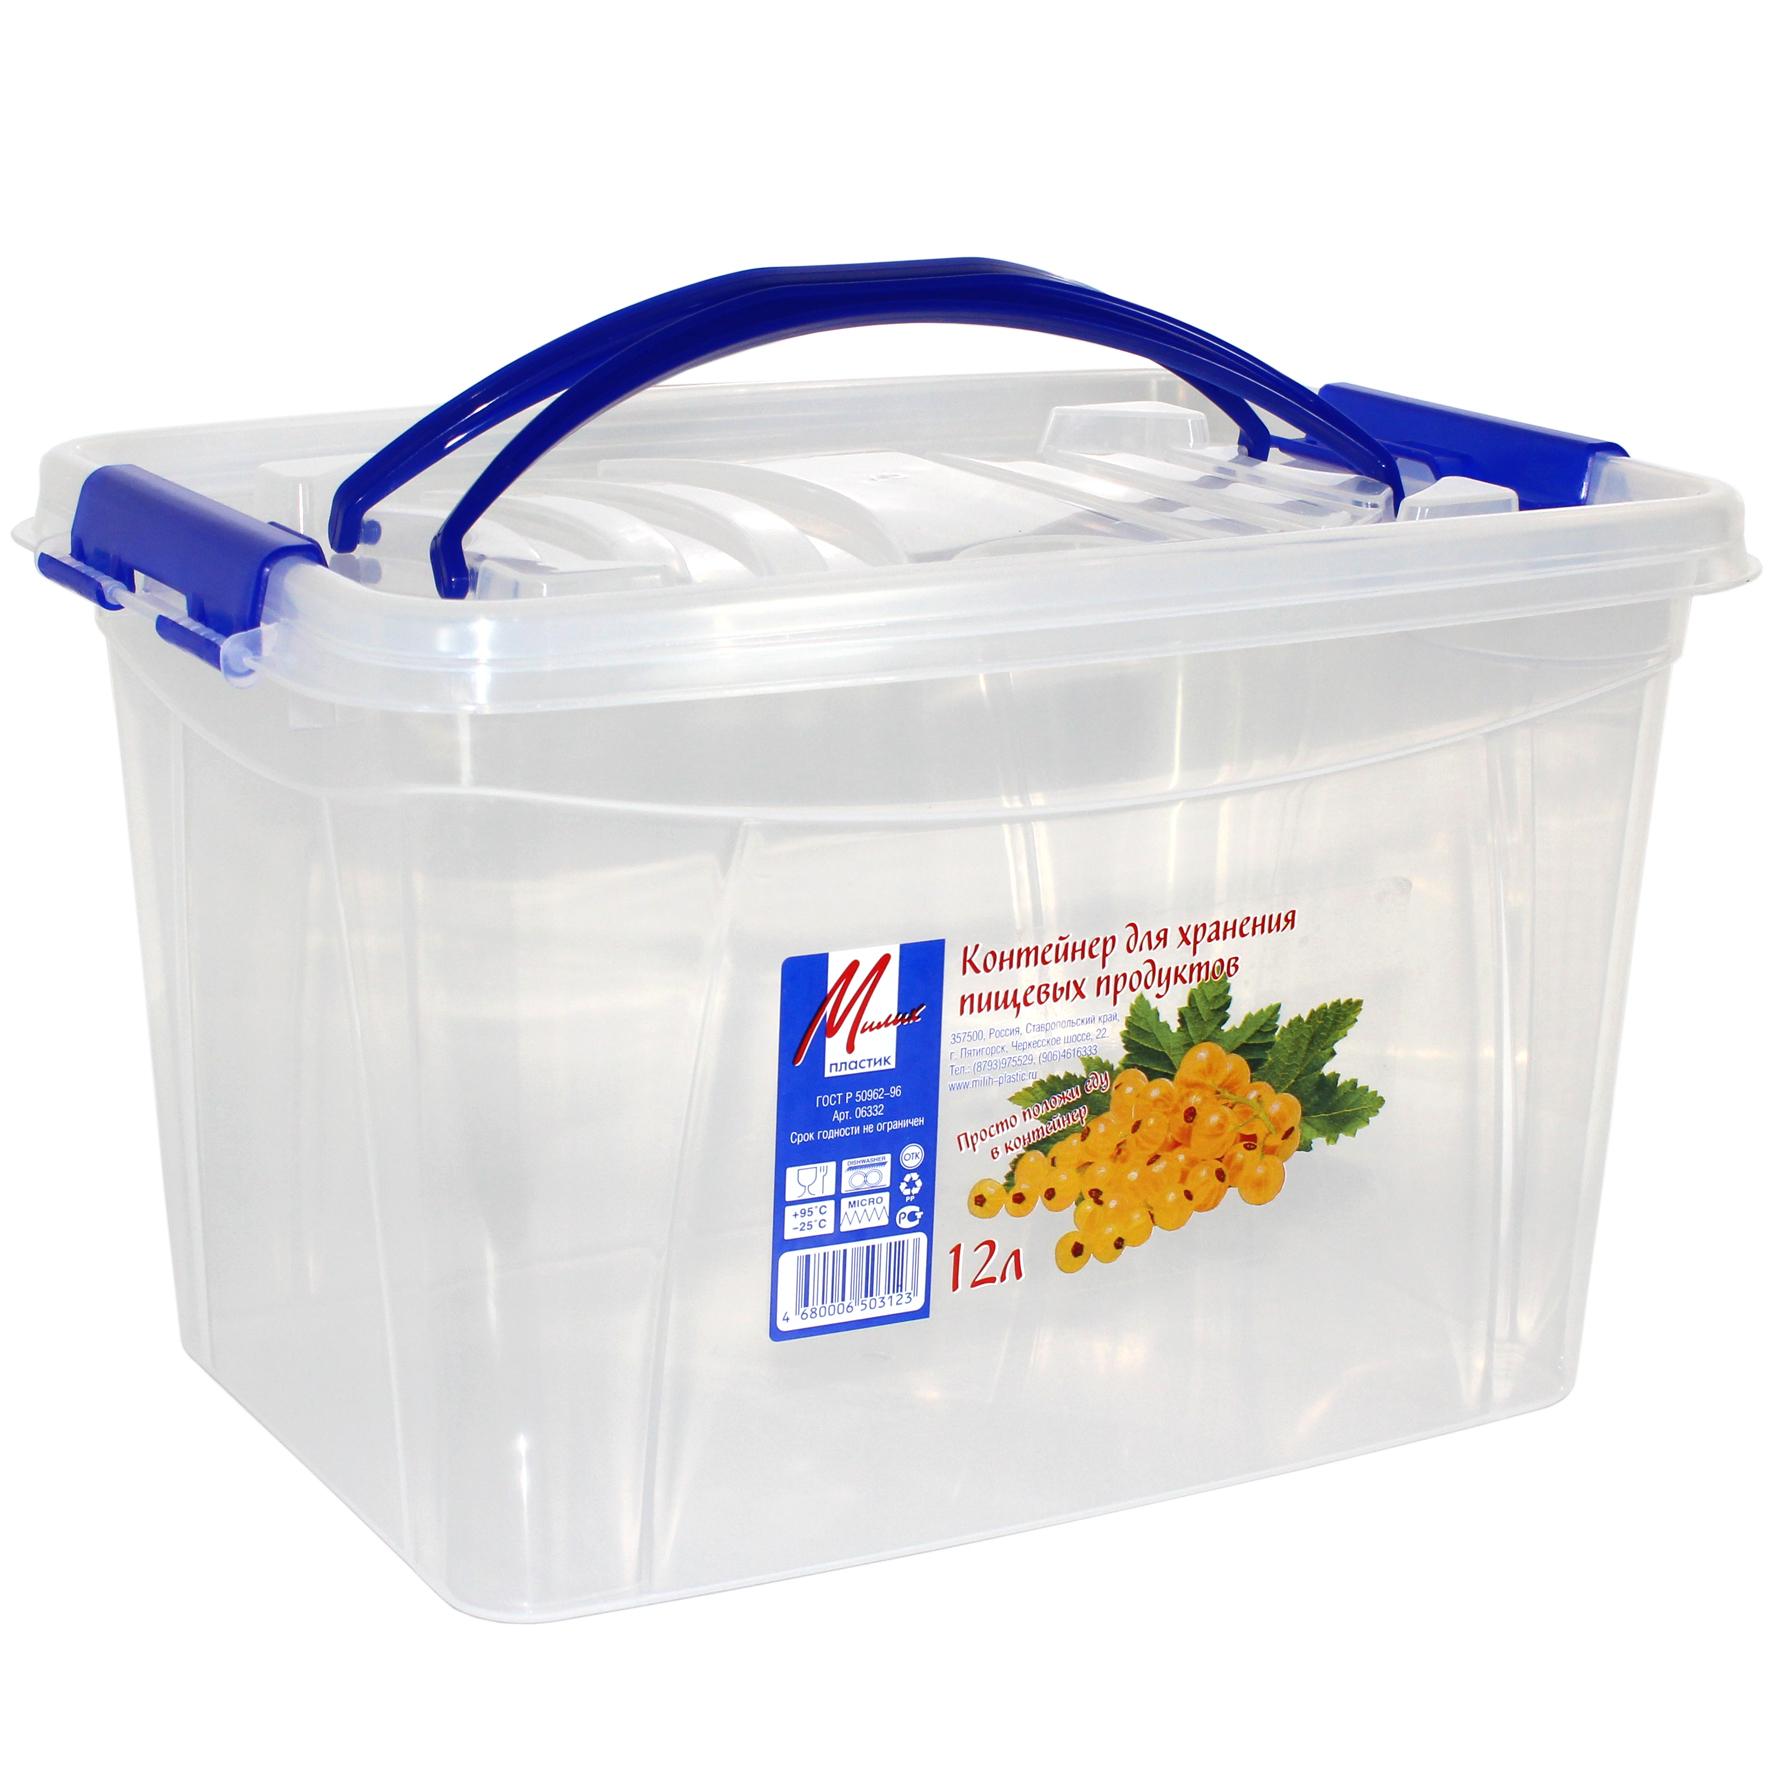 Контейнер для пищевых продуктов с ручкой 12л Милих